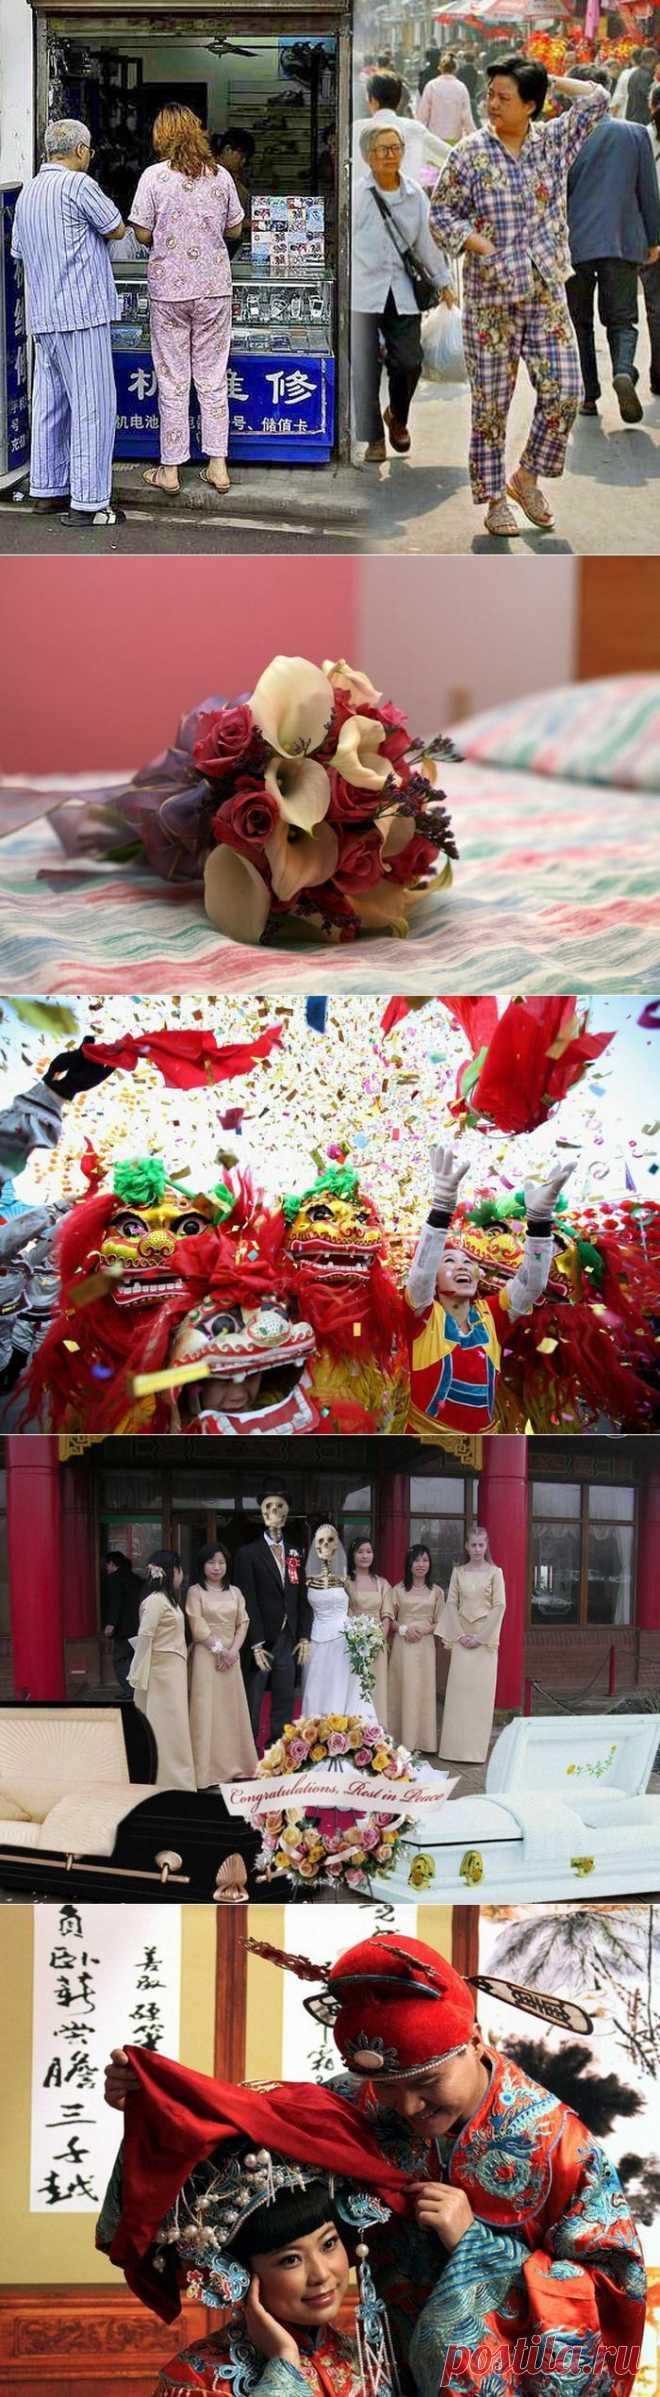 Традиции Китая